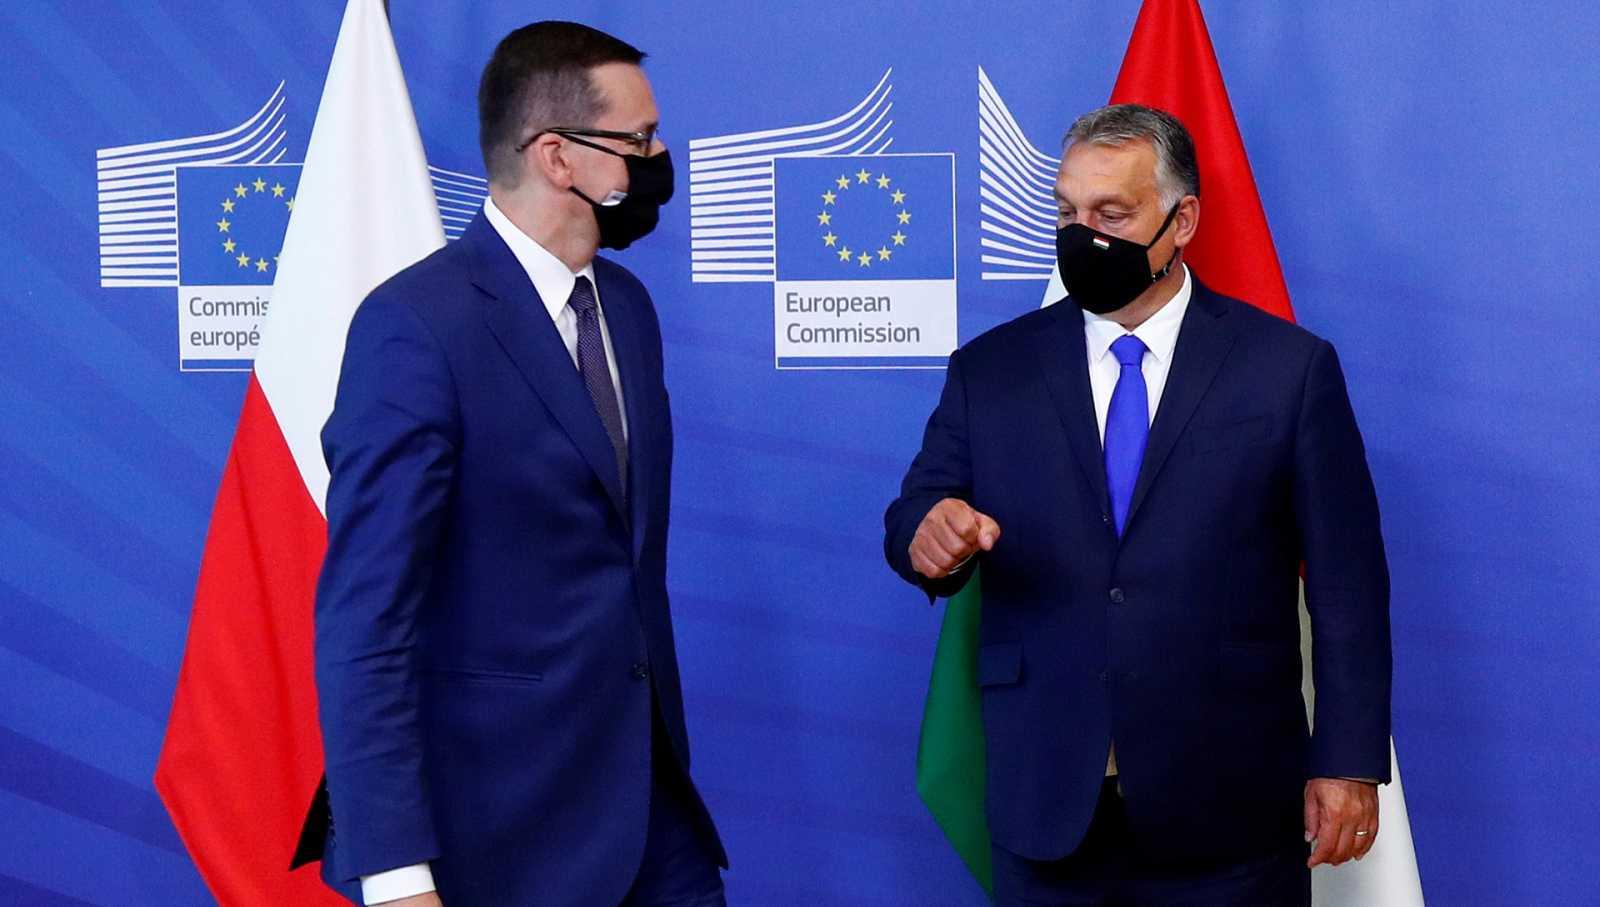 Europa abierta - Bruselas confía en que Hungría y Polonia recapaciten sobre el veto a los presupuestos - escuchar ahora